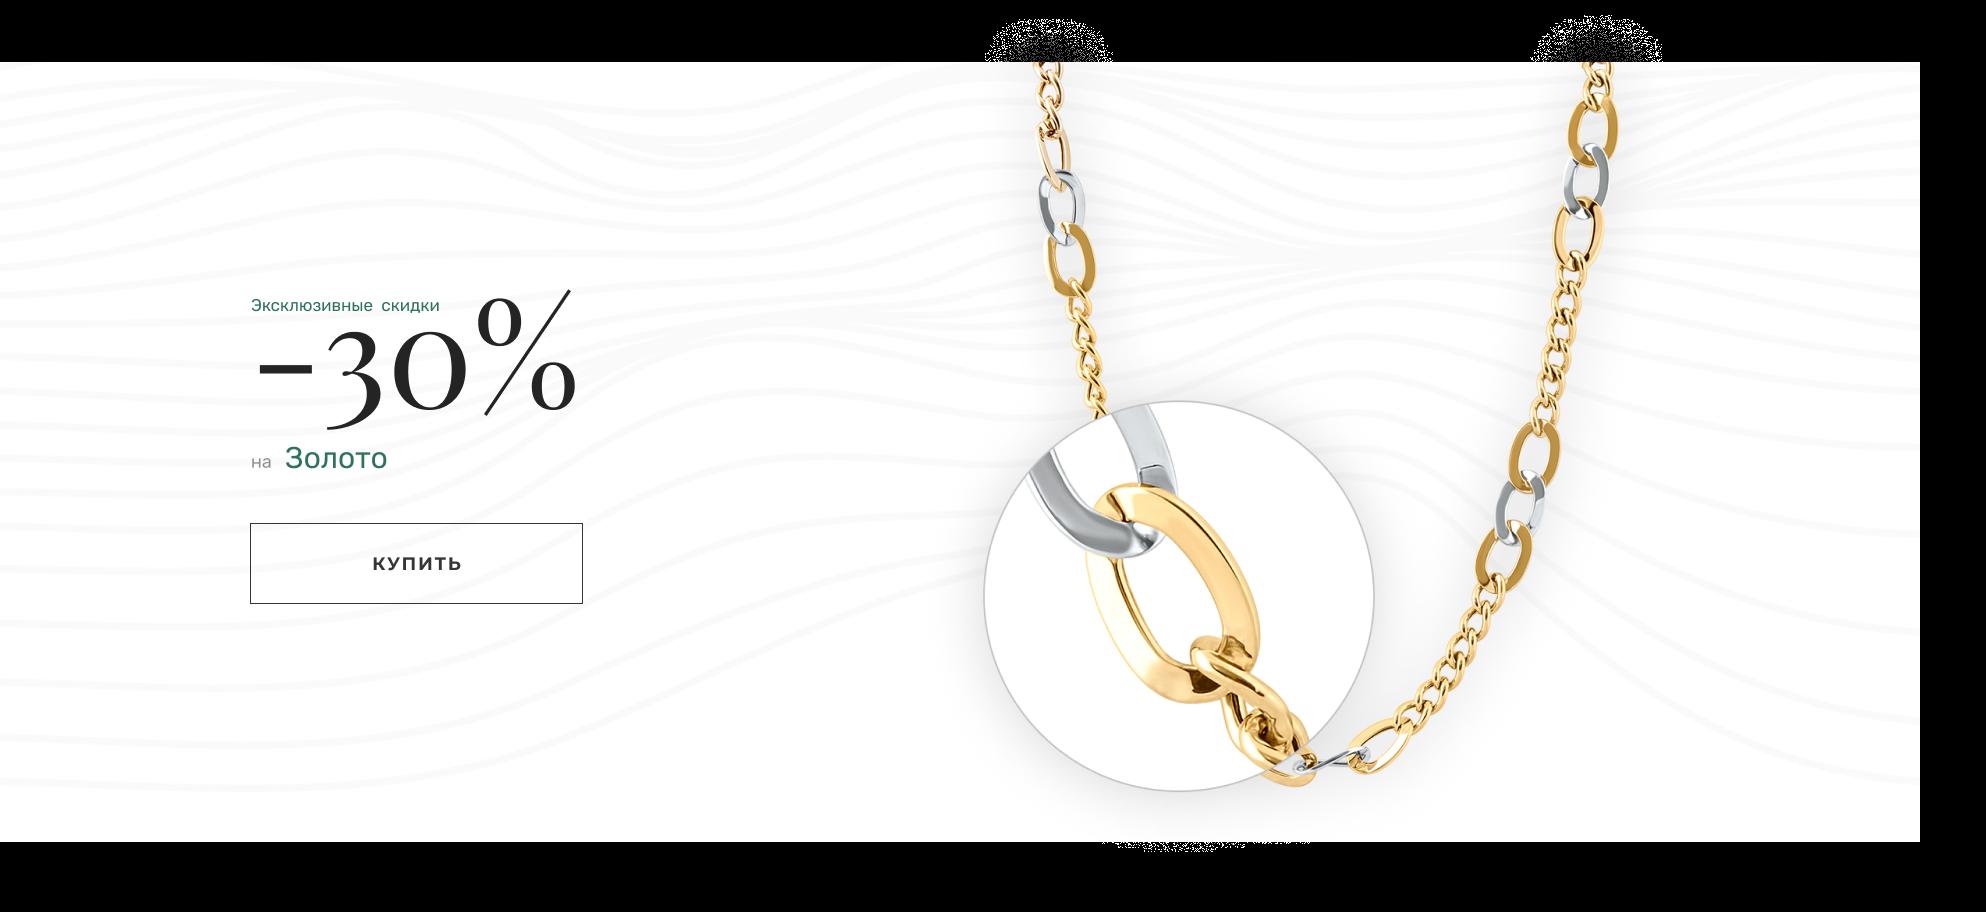 -30% на золото